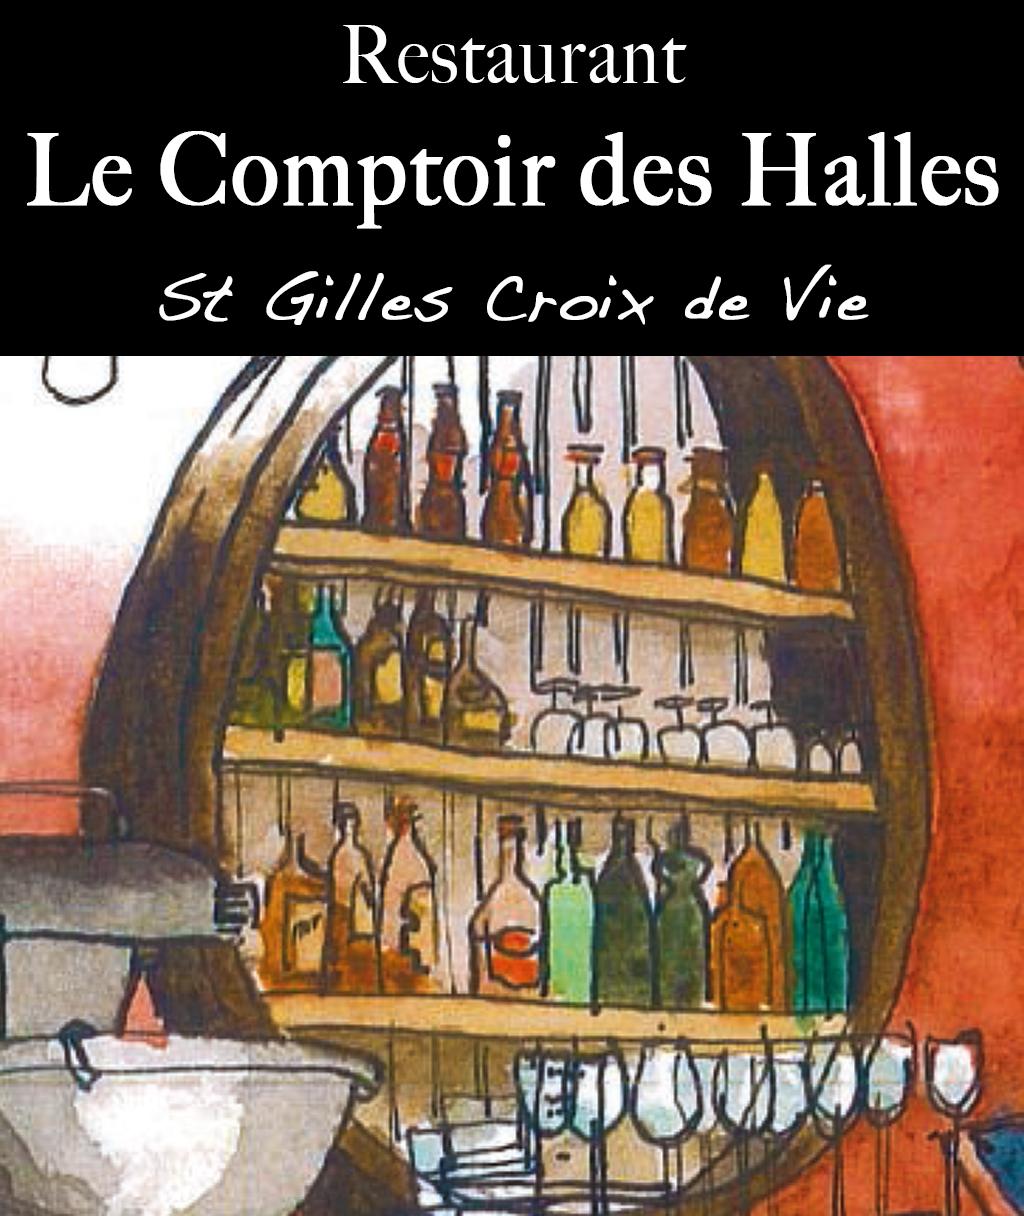 Restaurant le comptoir des halles saint gilles croix de vie for Monsieur bricolage saint gilles croix de vie